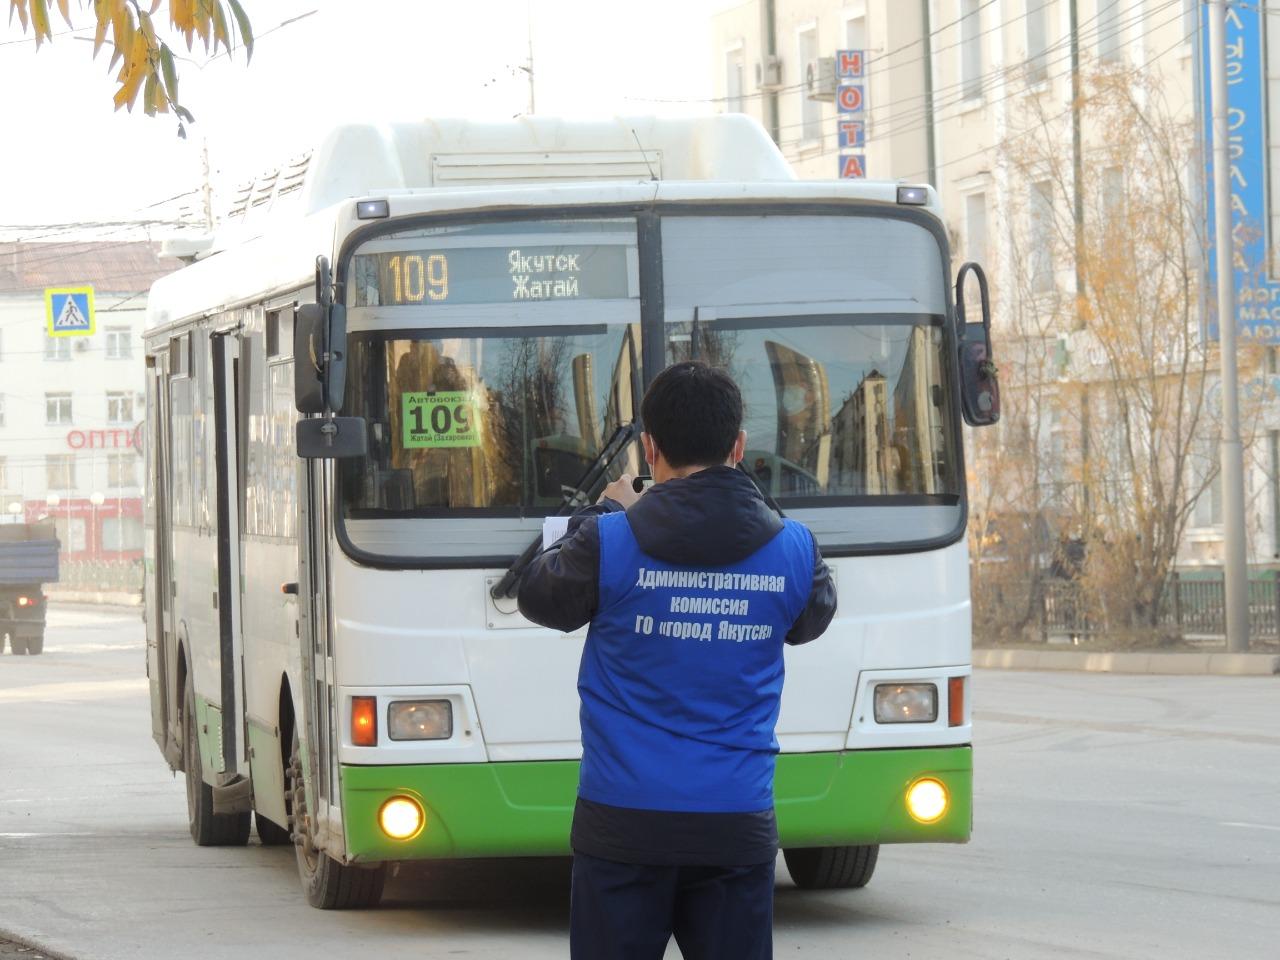 В Якутске ведется контроль за соблюдением масочного режима в общественном транспорте